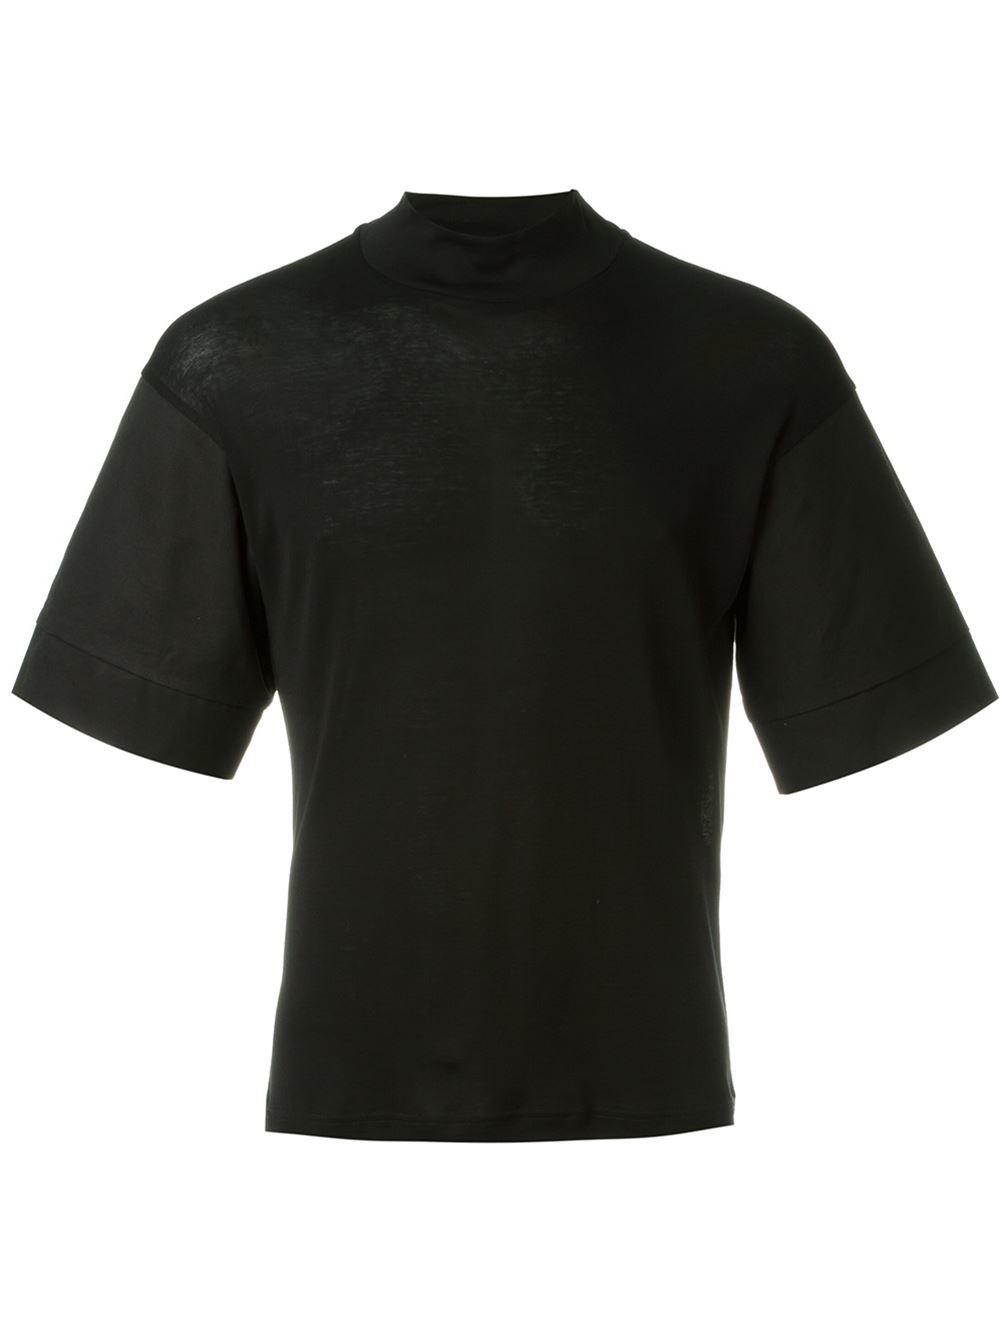 Lyst berthold mock neck t shirt in black for men for Mens mock turtleneck shirts sale